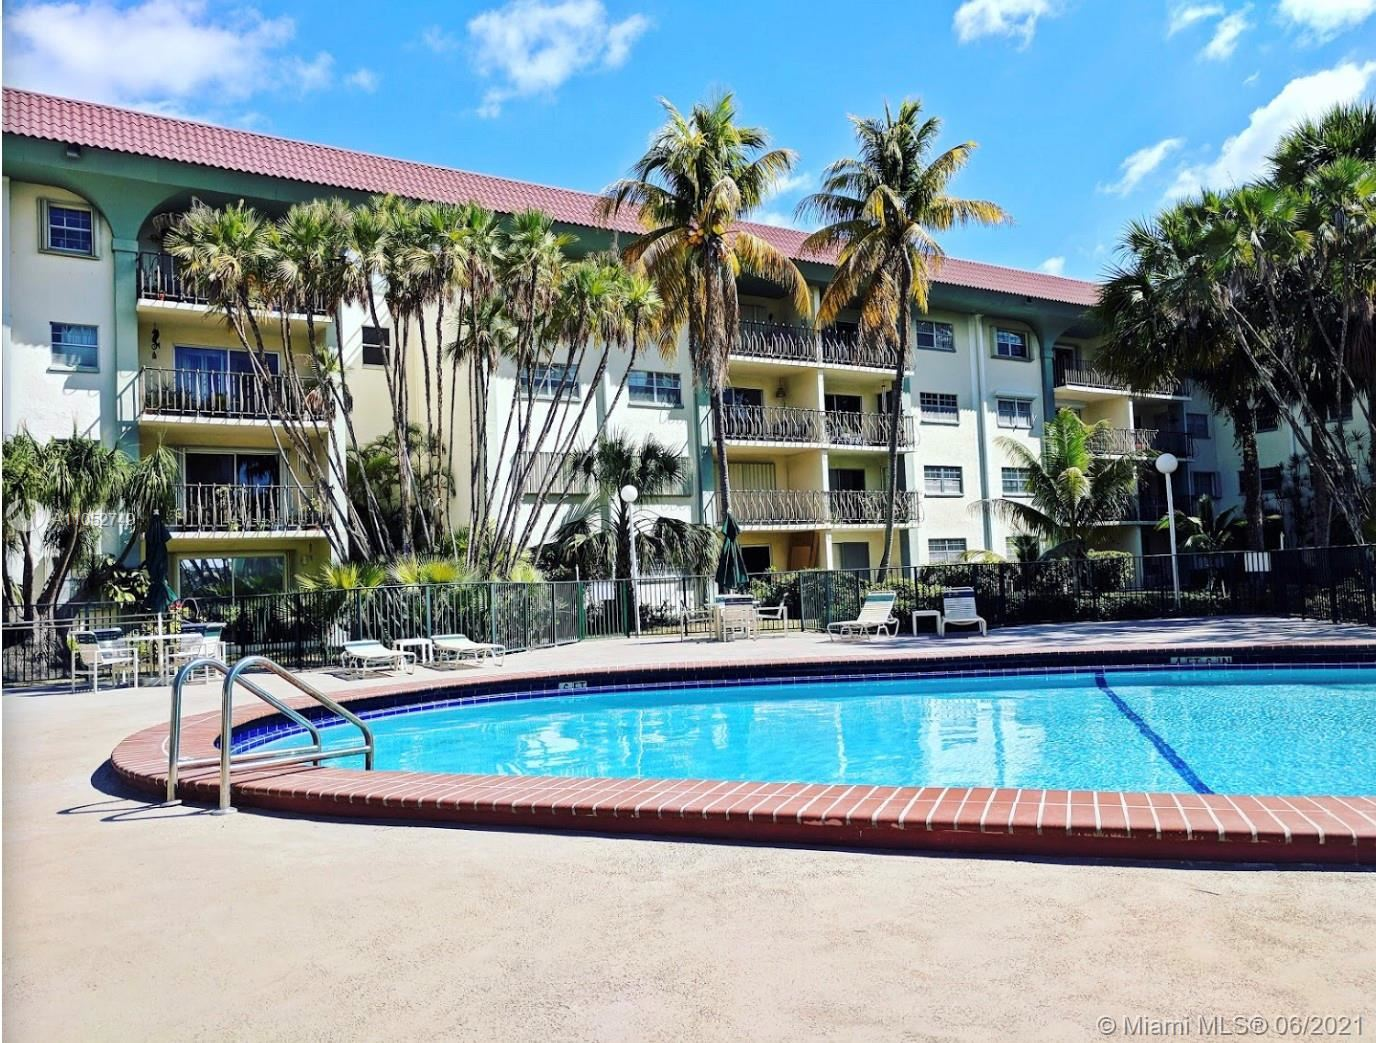 8107 SW 72nd Ave #318E, Miami, FL 33143 - #: A11052749